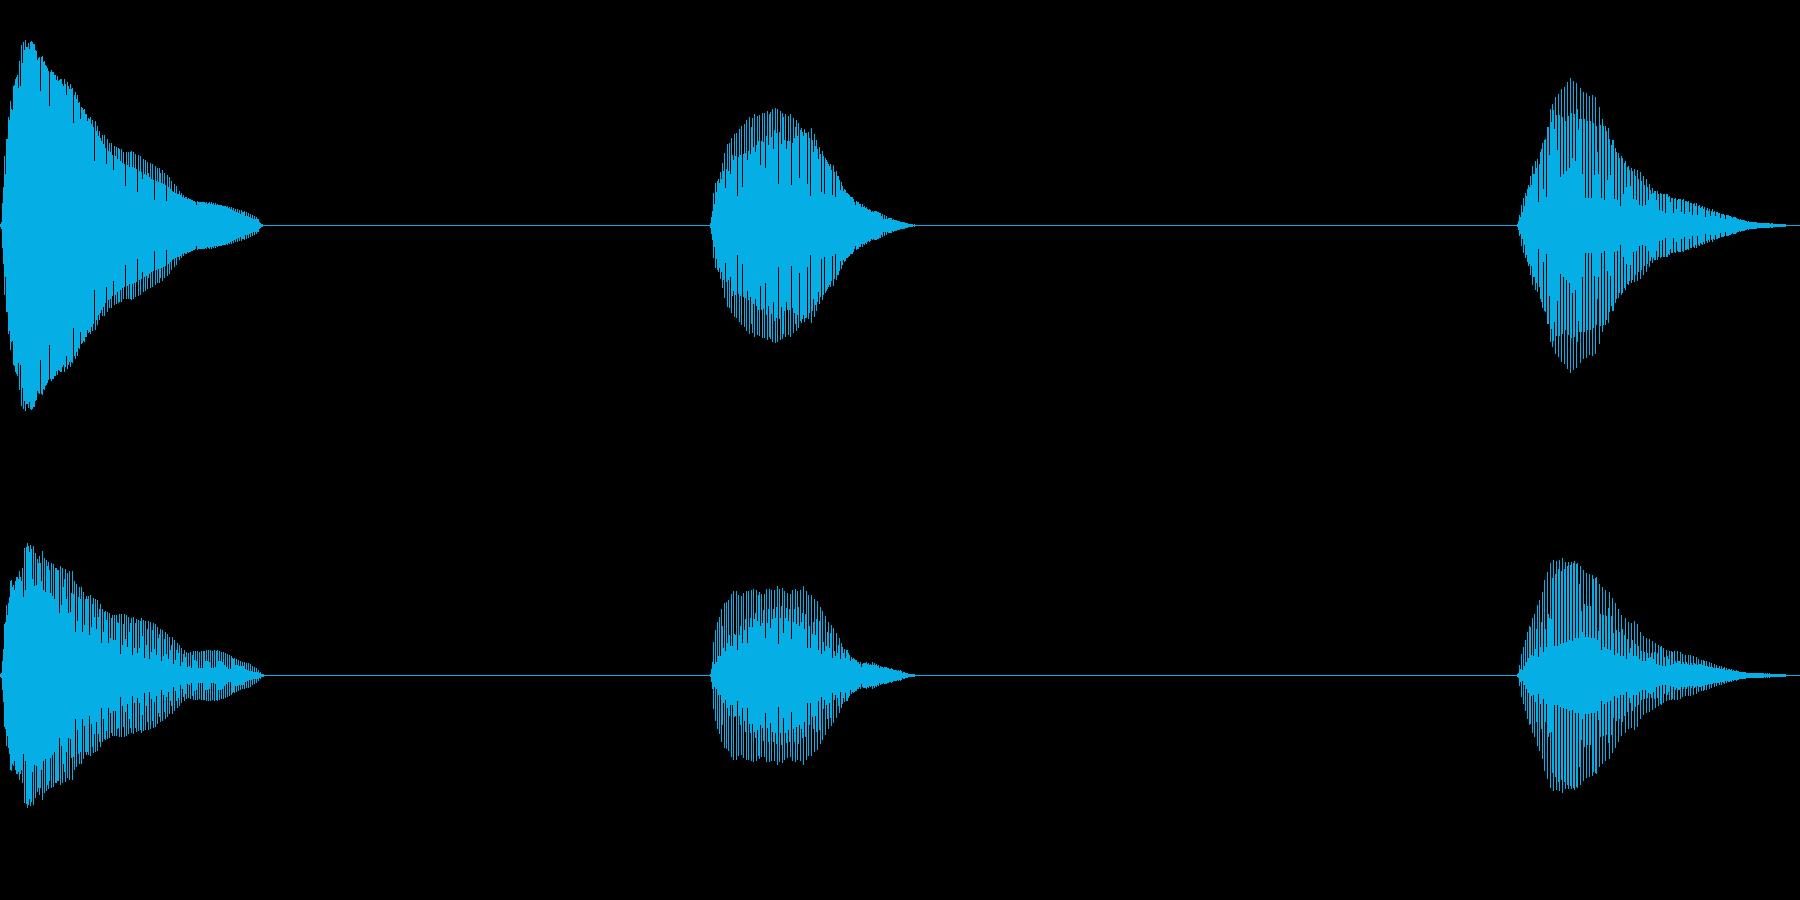 おならを小出しに3発出した音の再生済みの波形